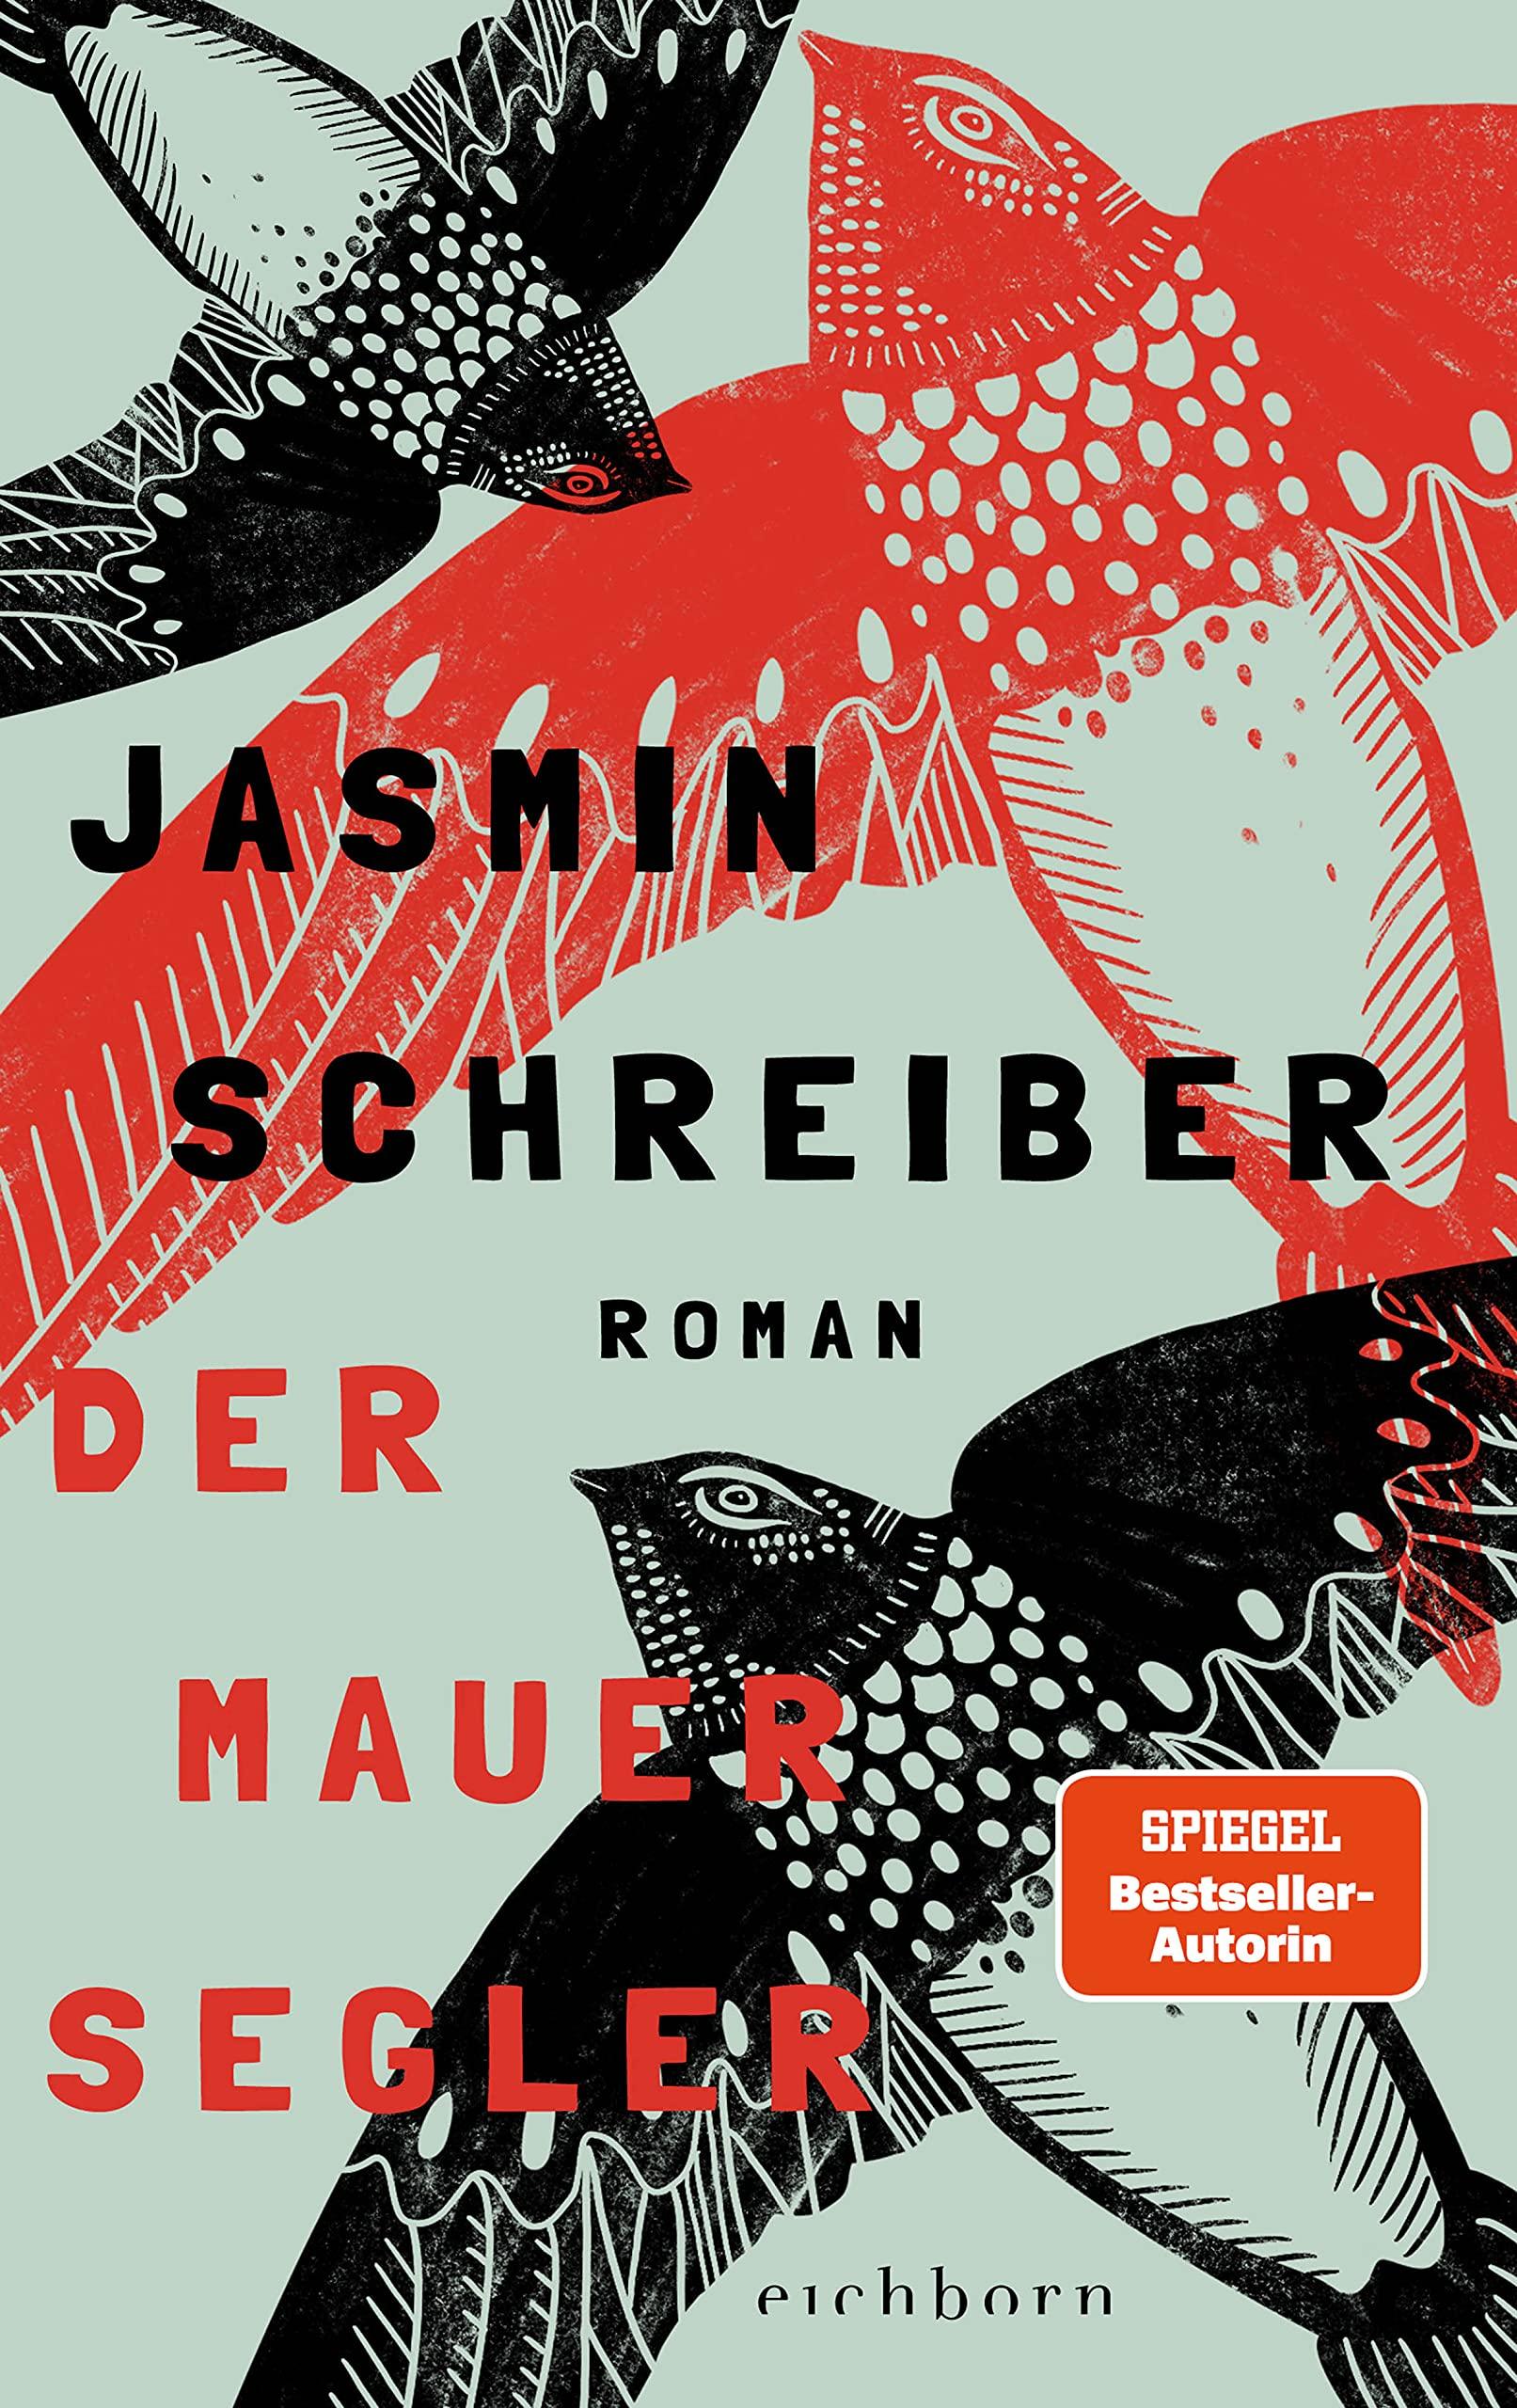 Buchcover zeigt flächendeckend drei stilisiert gemalte Mauersegler, zwei schwarze und ein roter auf hellblaugrauem Hintergrund. Darüber der Autorinname in schwarz und Titel in rot.